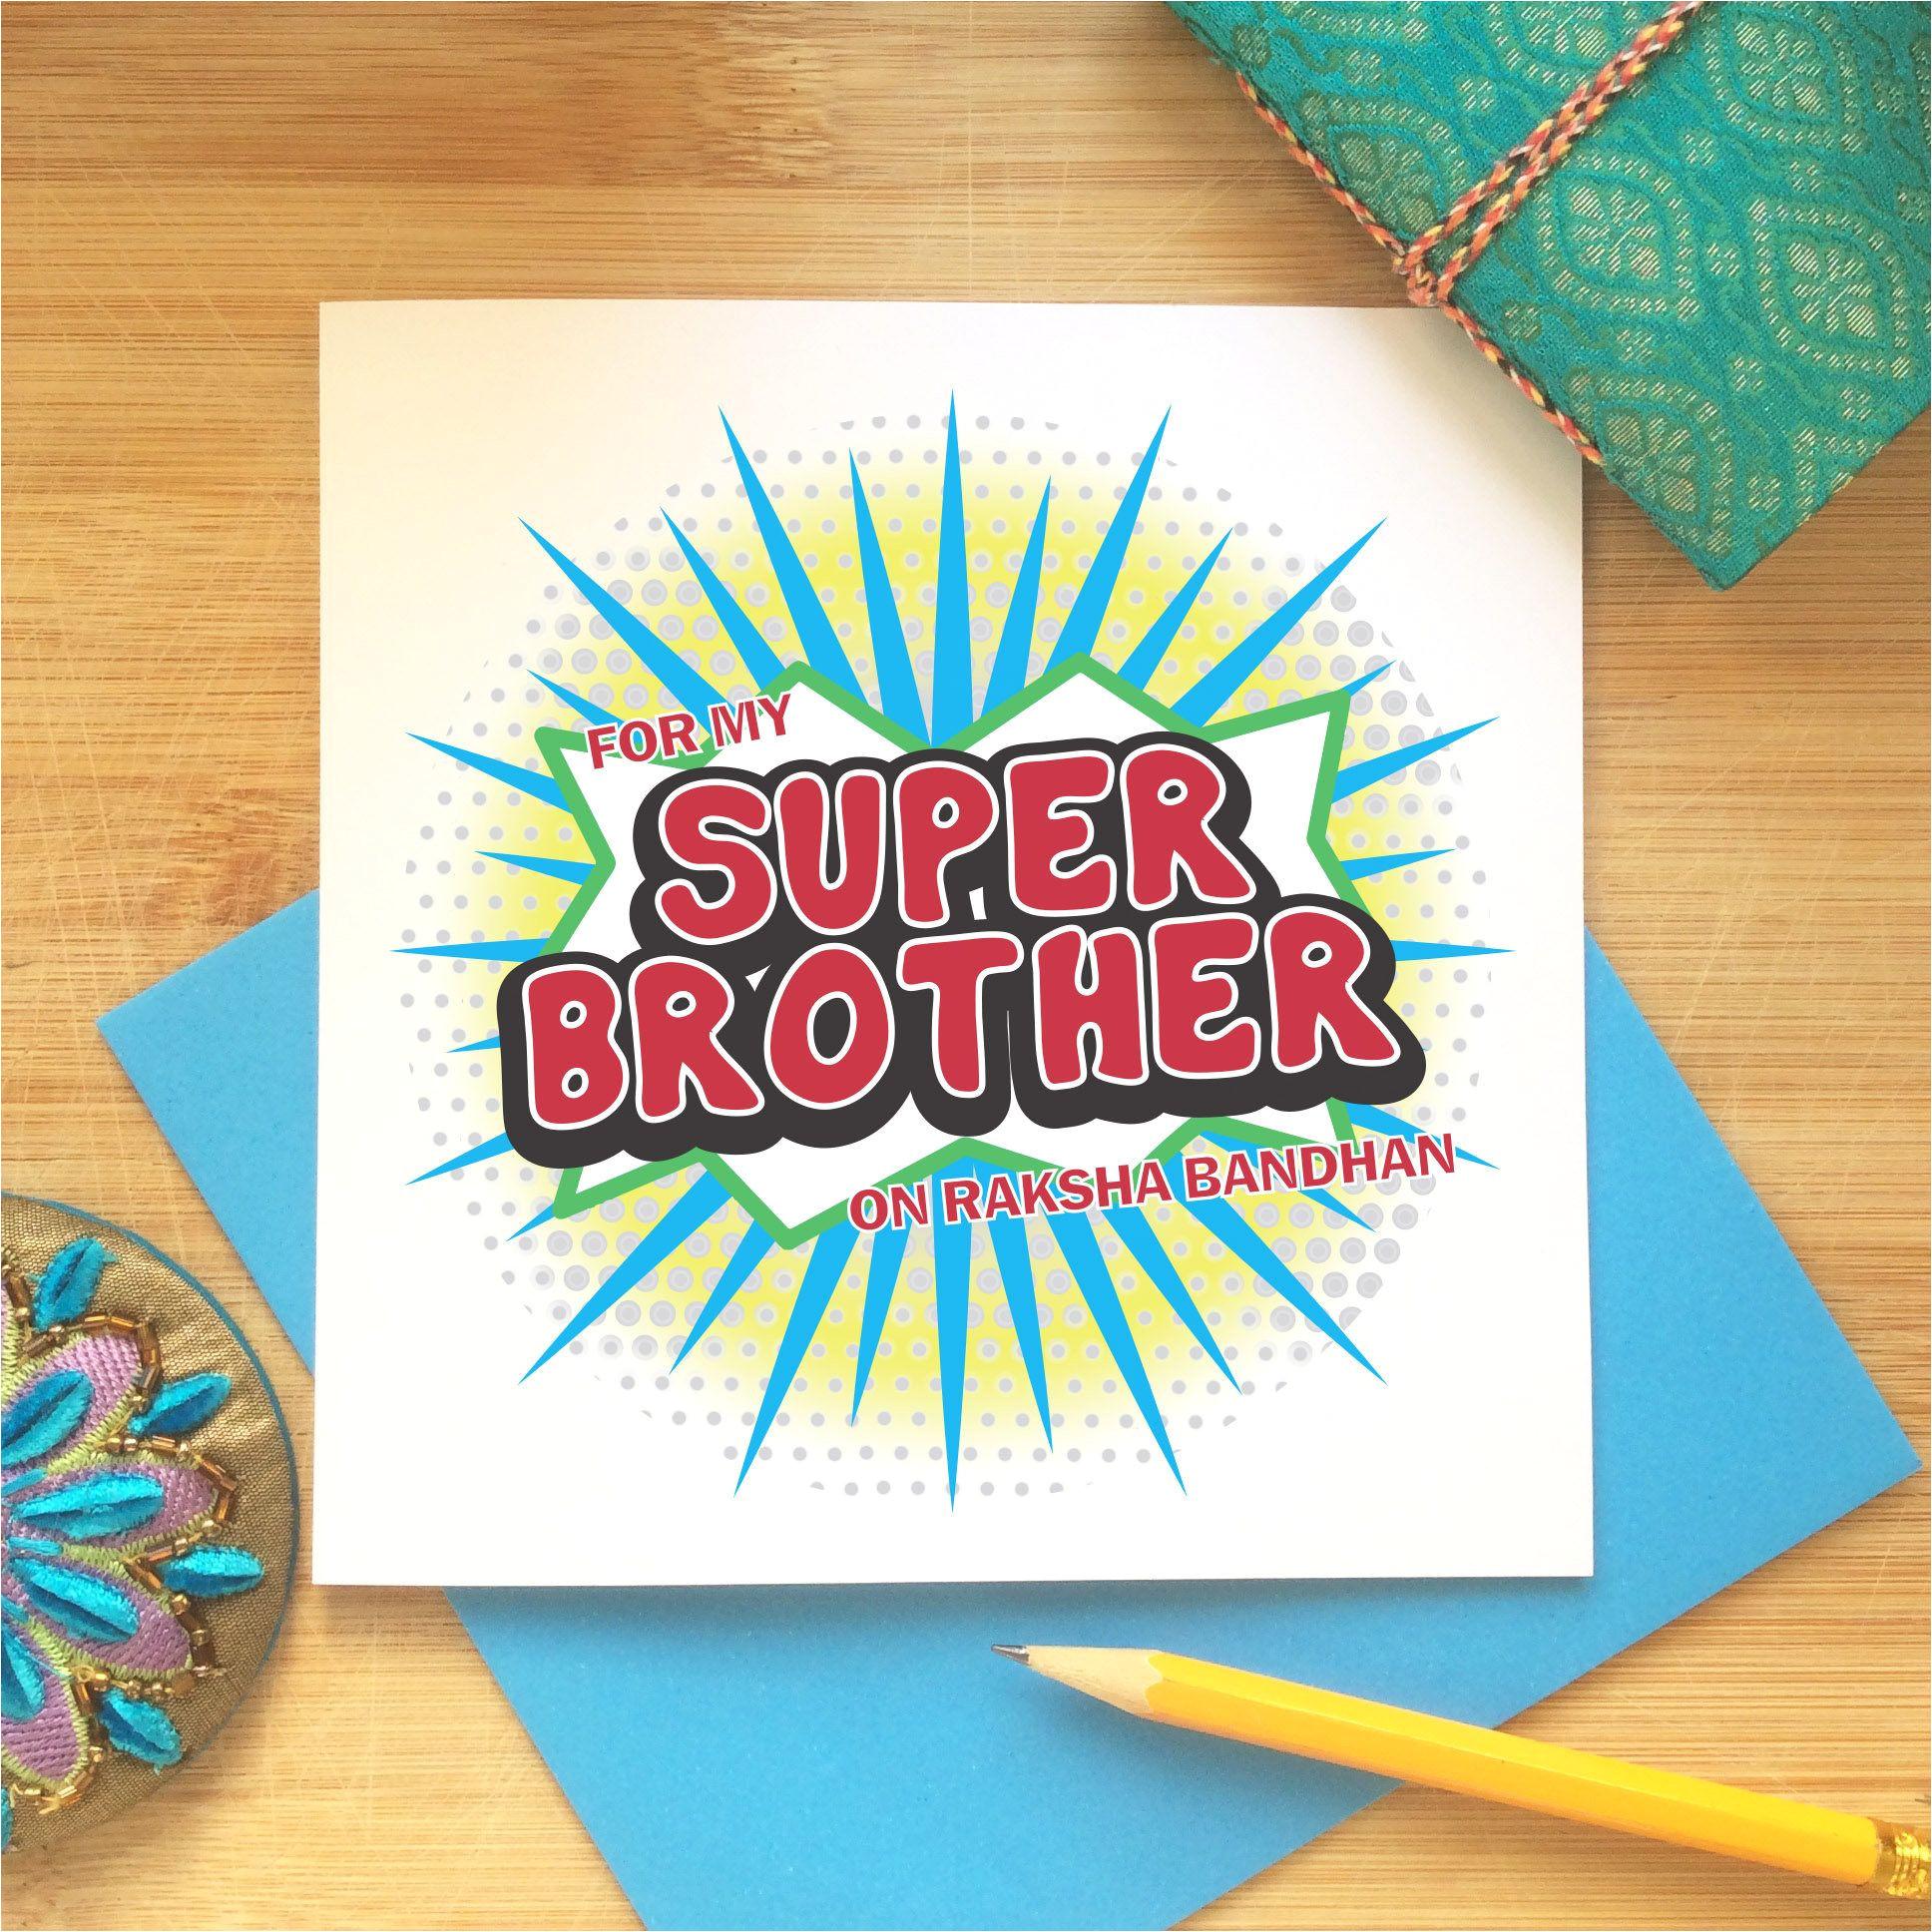 Greeting Card On Raksha Bandhan Raksha Bandhan Card for Brother Rakhi Greeting Indian